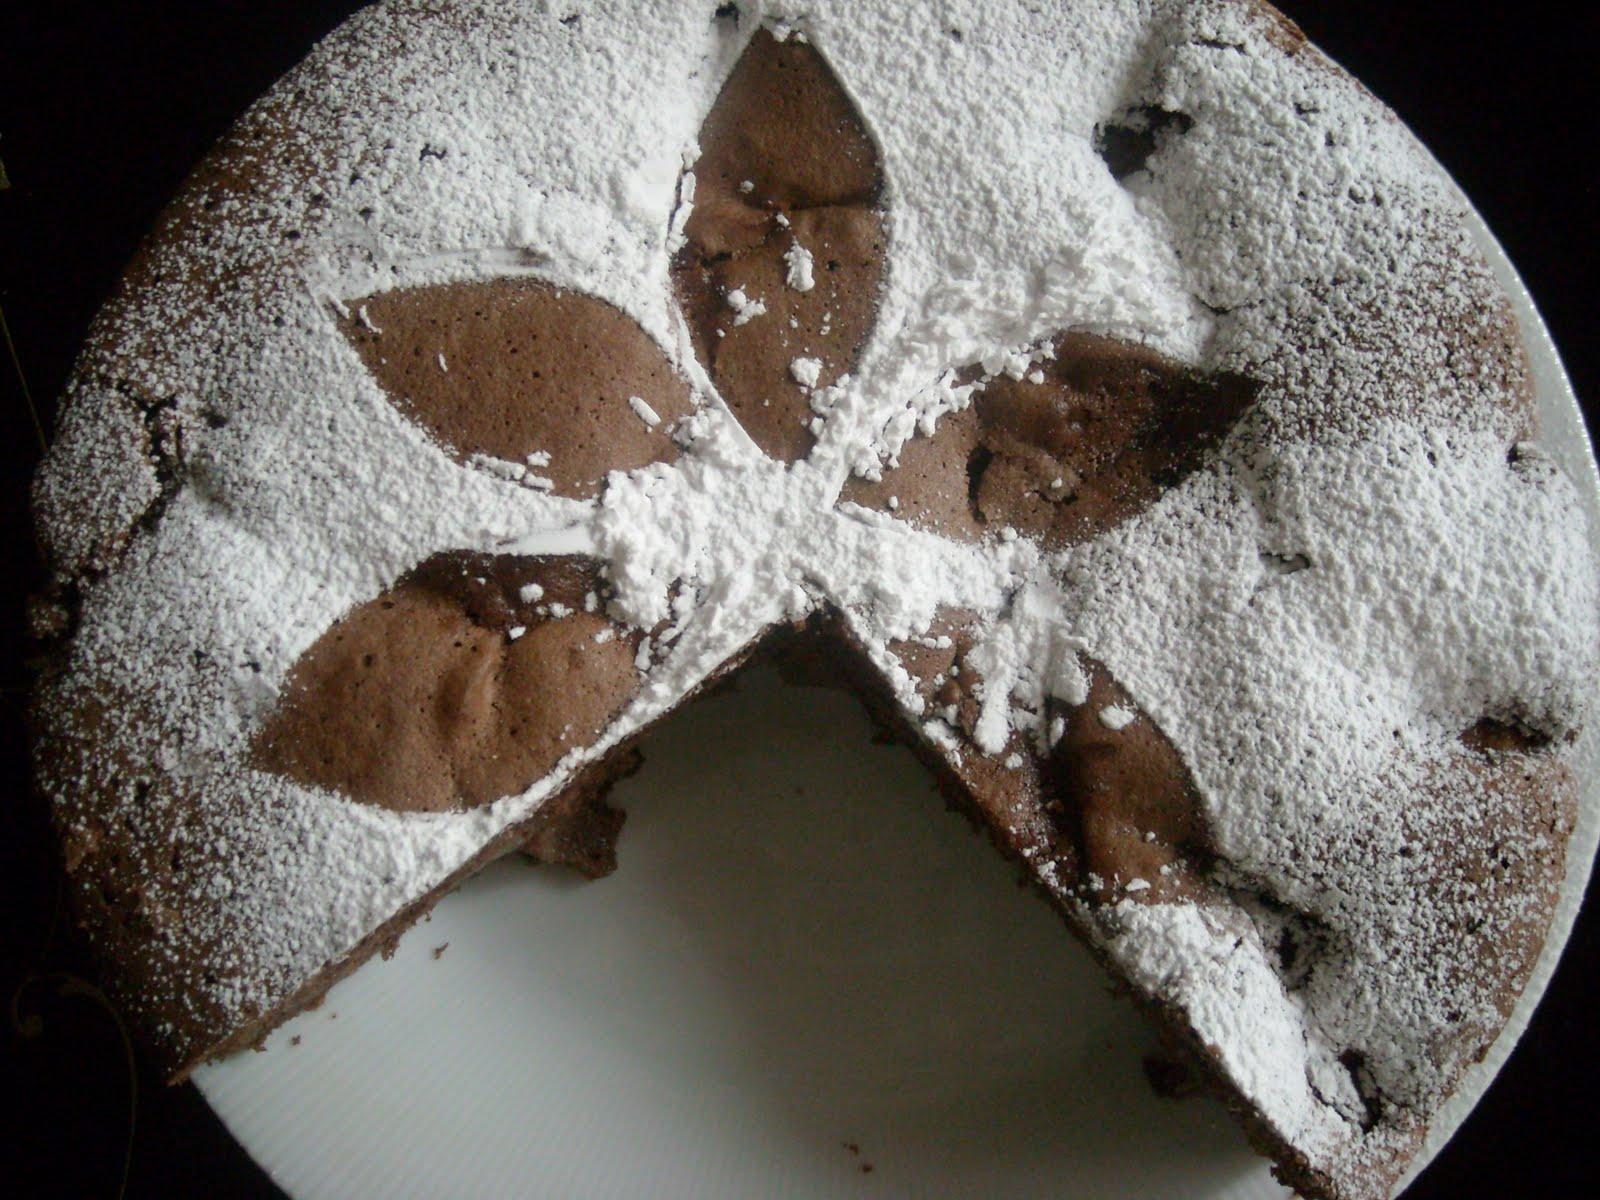 Torte Da Credenza Montersino : Torta pere e cioccolato di luca montersino